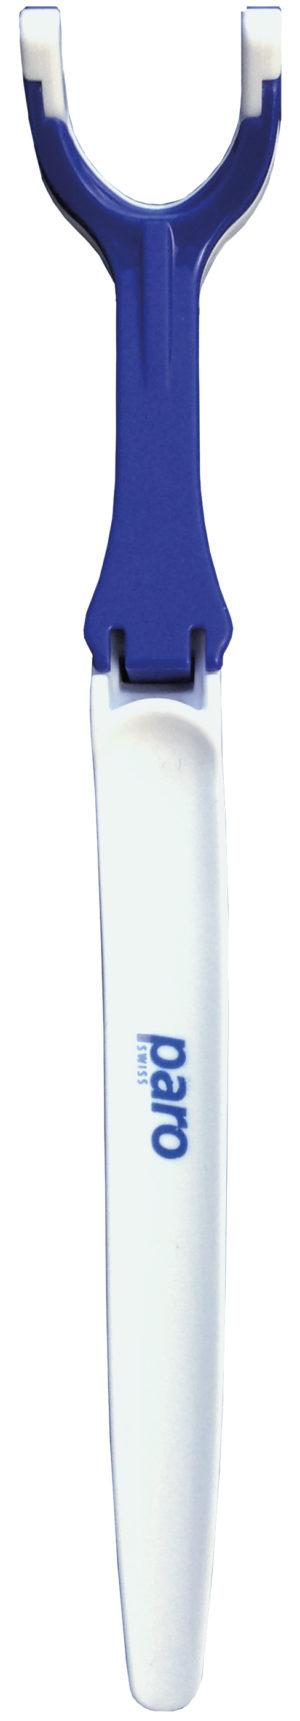 Держатель зубной нити Paro (Паро)